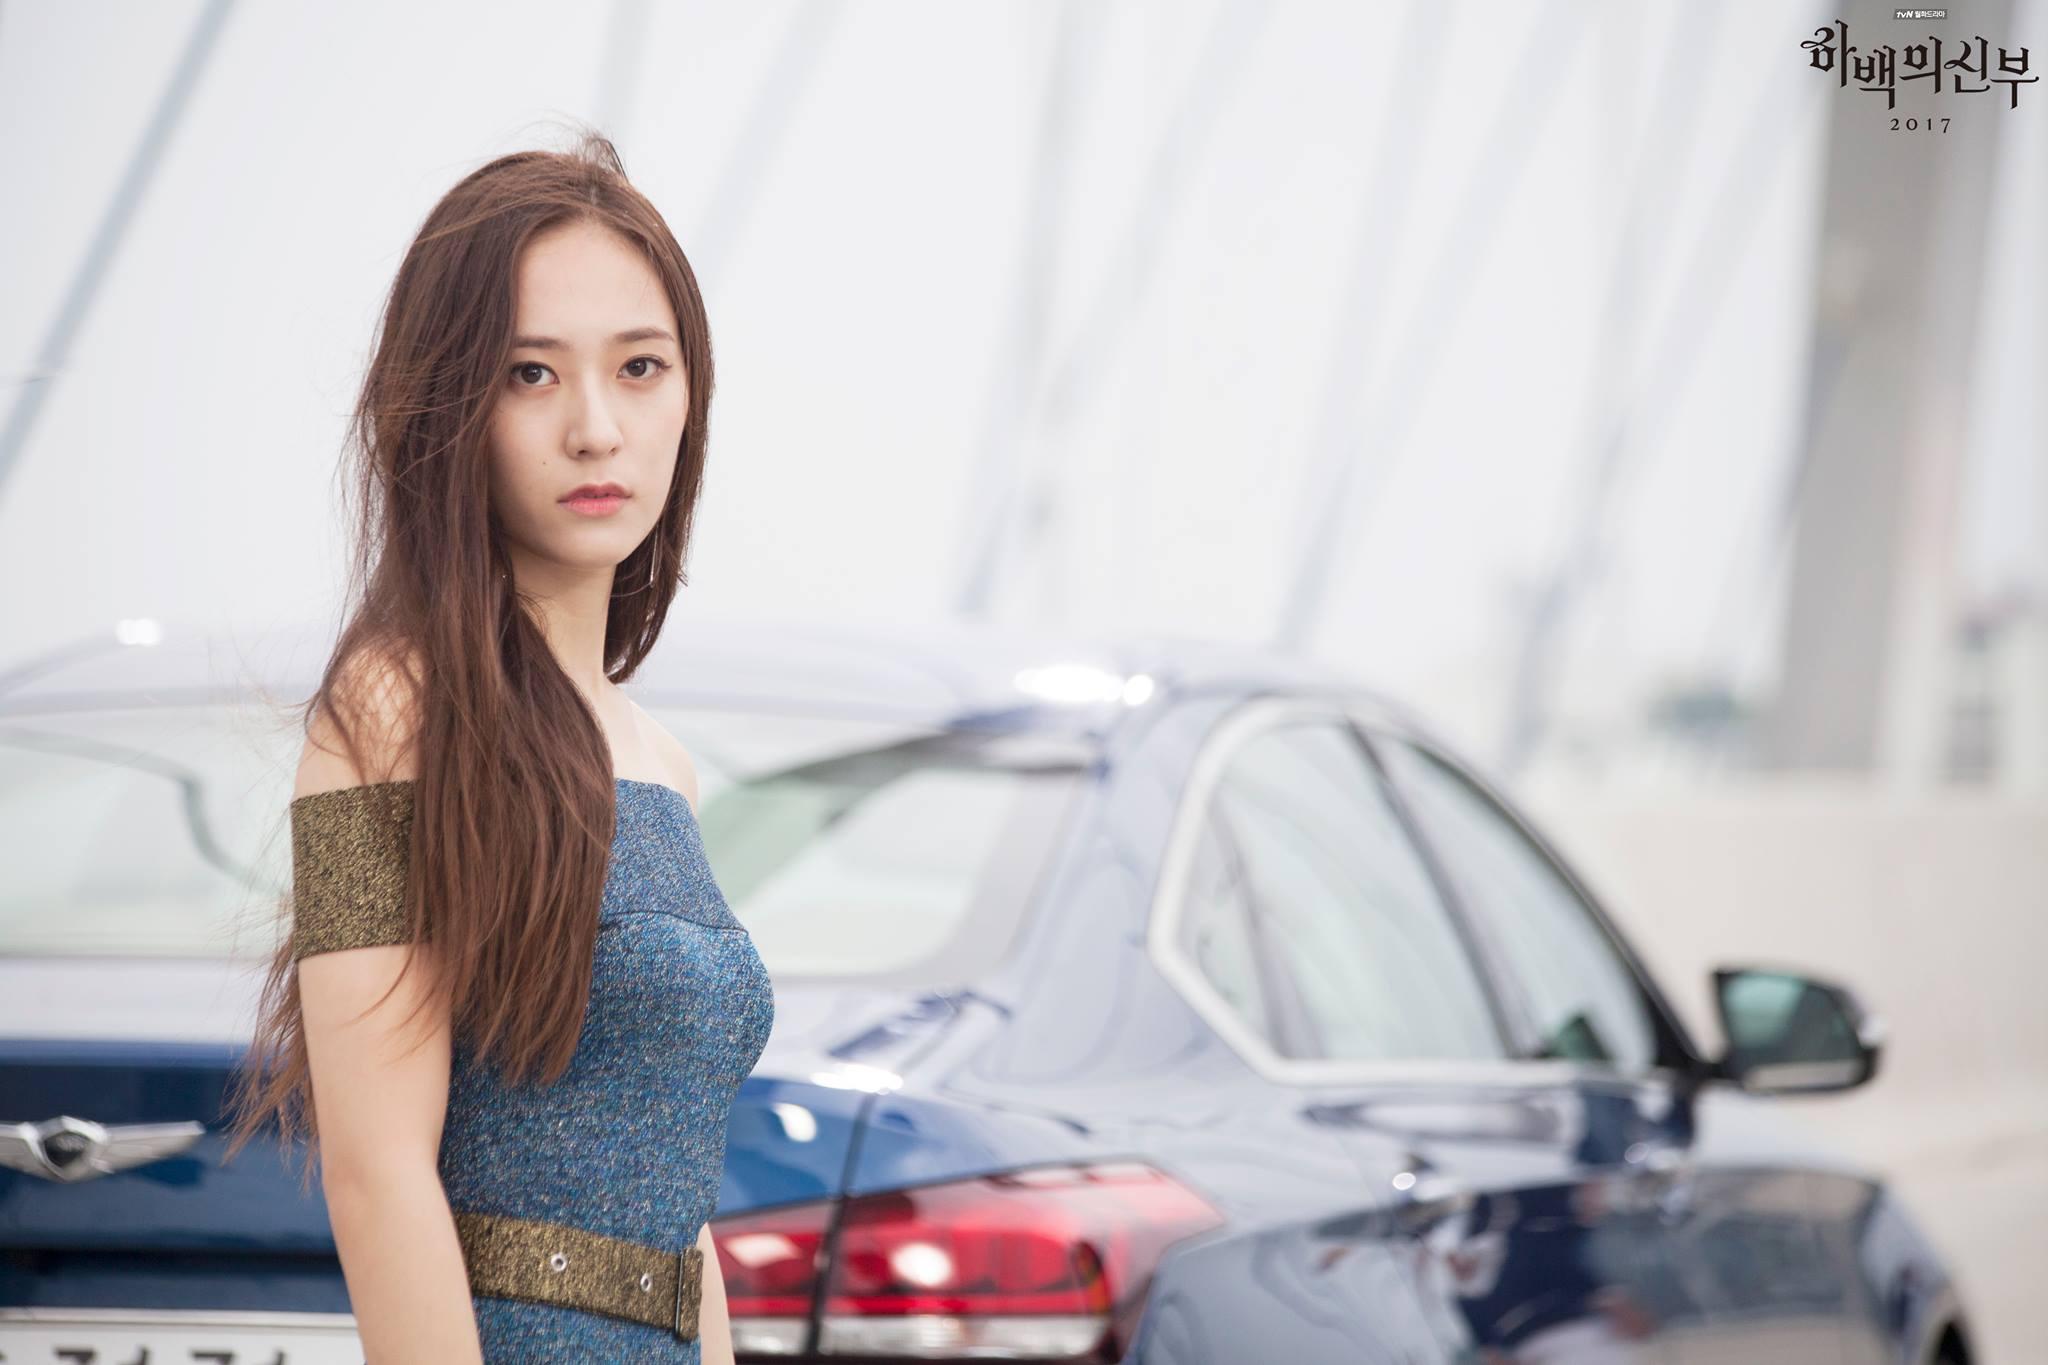 而最近Krystal在拍攝 tvN 新劇《河伯的新娘 2017》,而大家都知道韓國電視劇的拍攝方式相當辛苦,可能會連續的熬夜拍攝,所以不管是主演們、導演或是工作人員都是相當辛苦的~